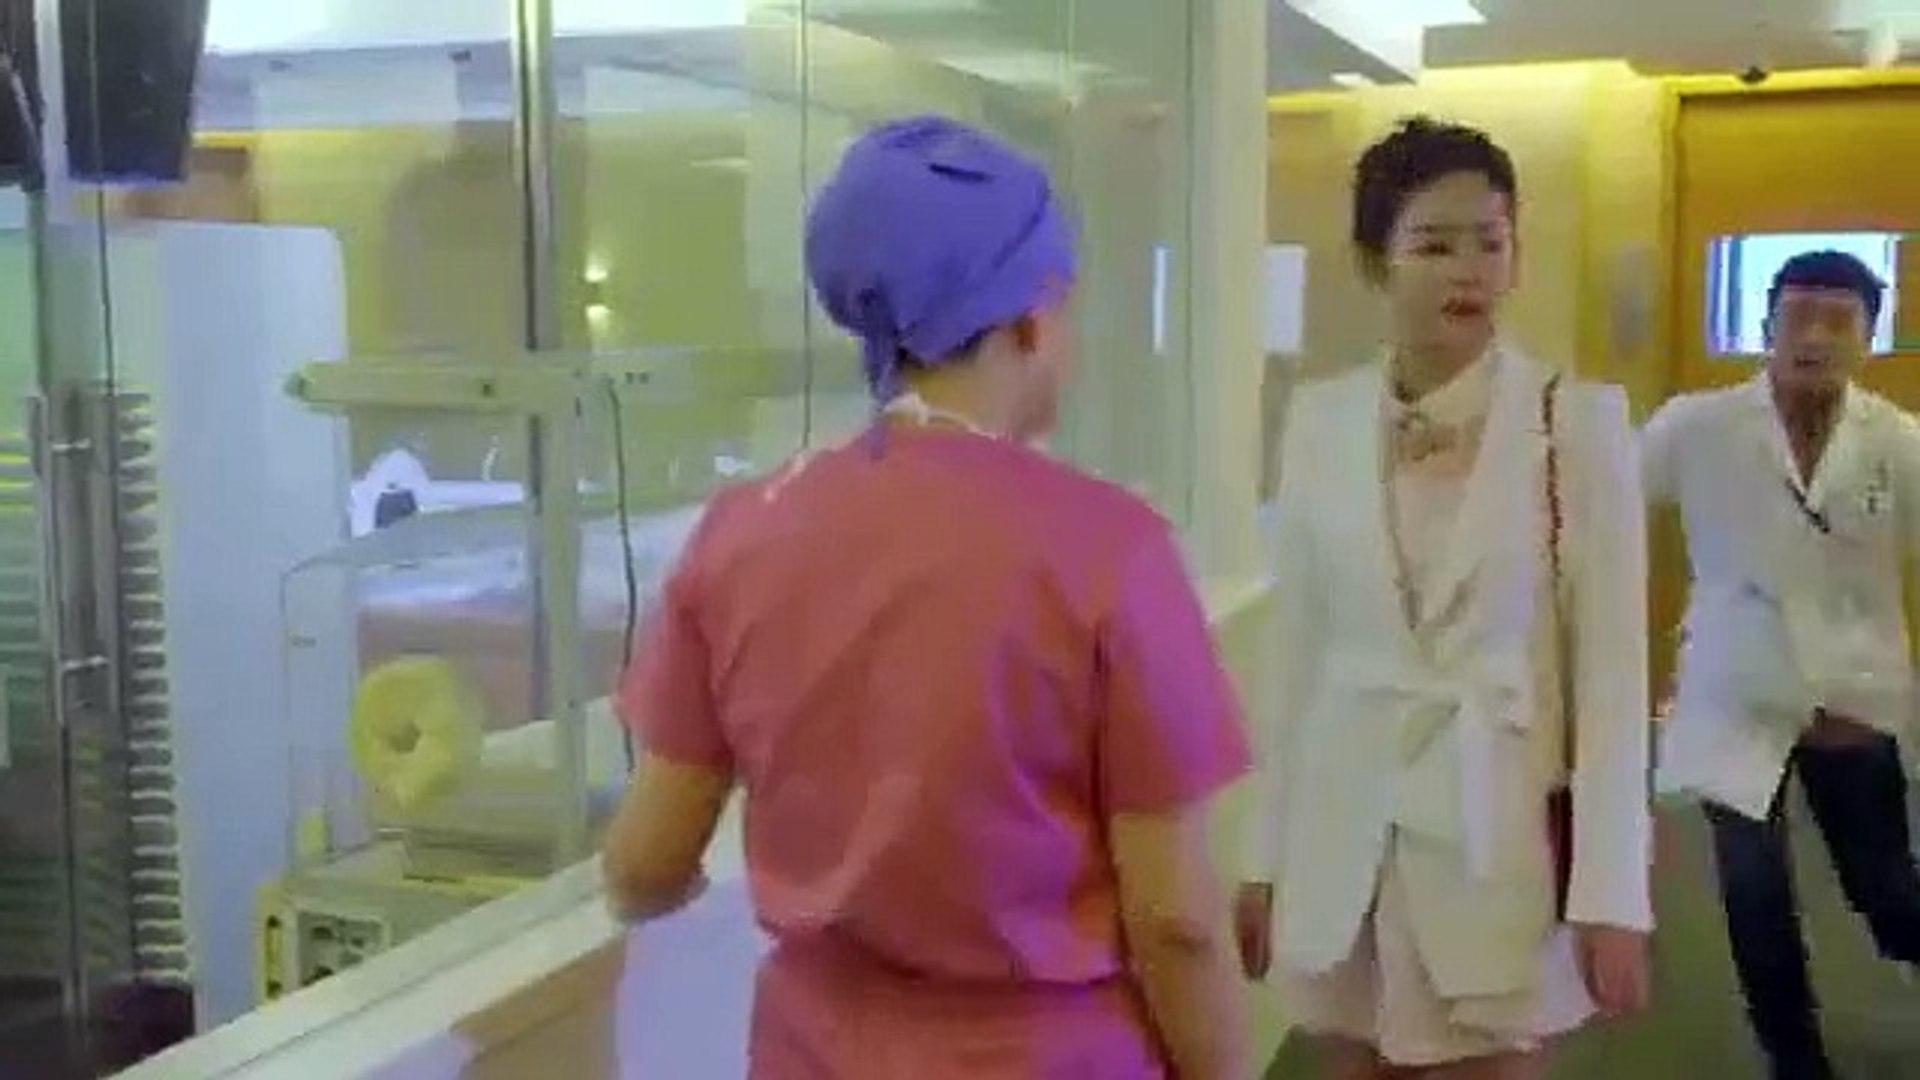 Trưởng Thành Tập 17 - Phim Trung Quốc - VTV2 Thuyết Minh - Phim Truong Thanh Tap 17 - Phim Truong Th